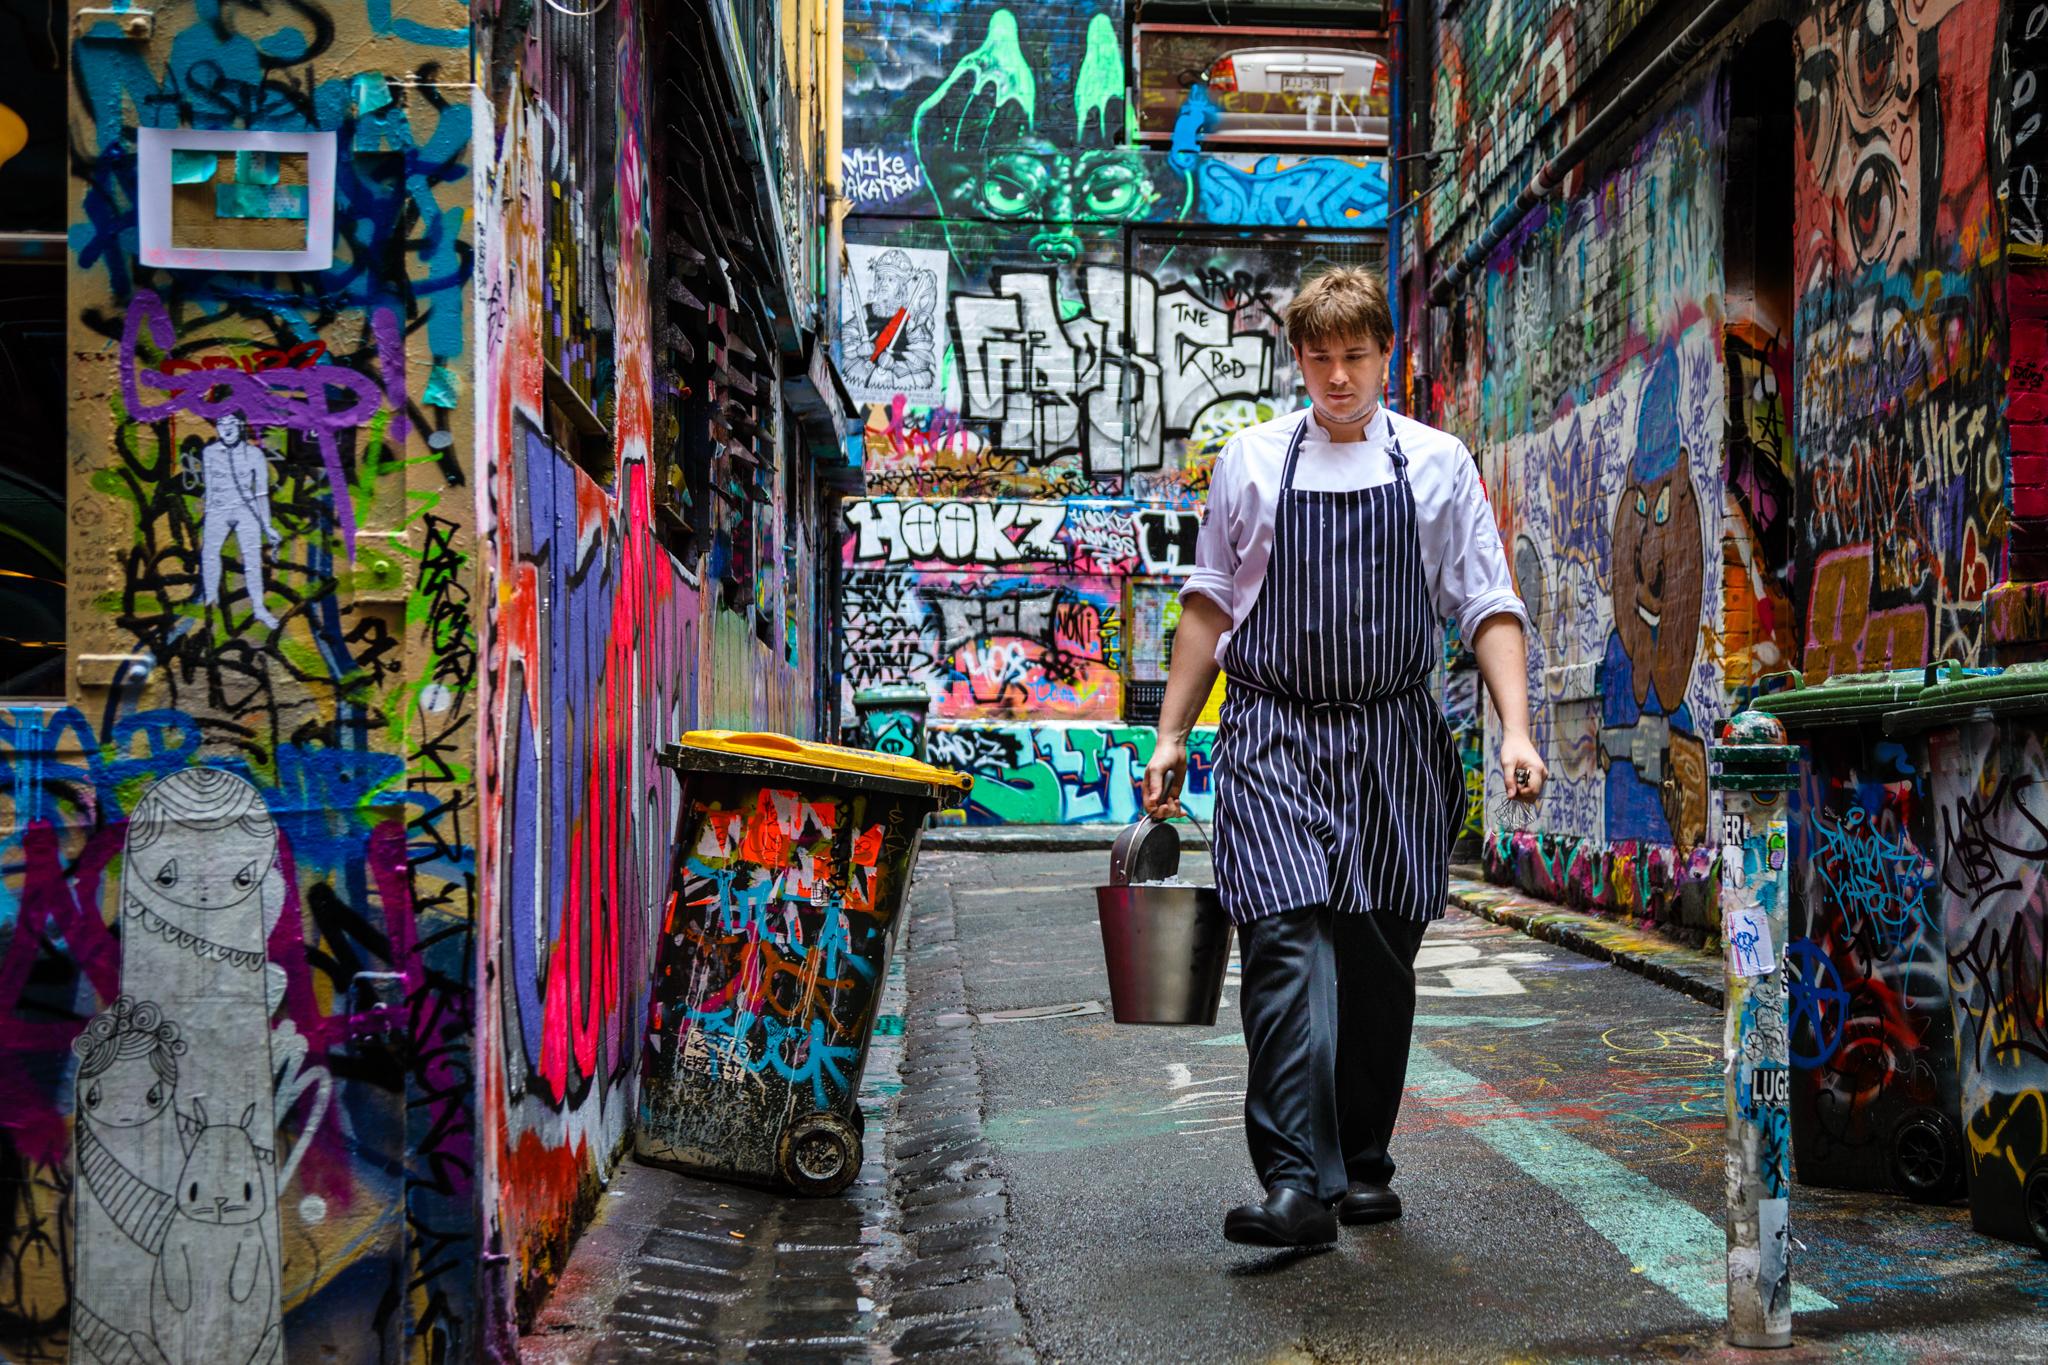 grafiti-alleyway-worker.jpg